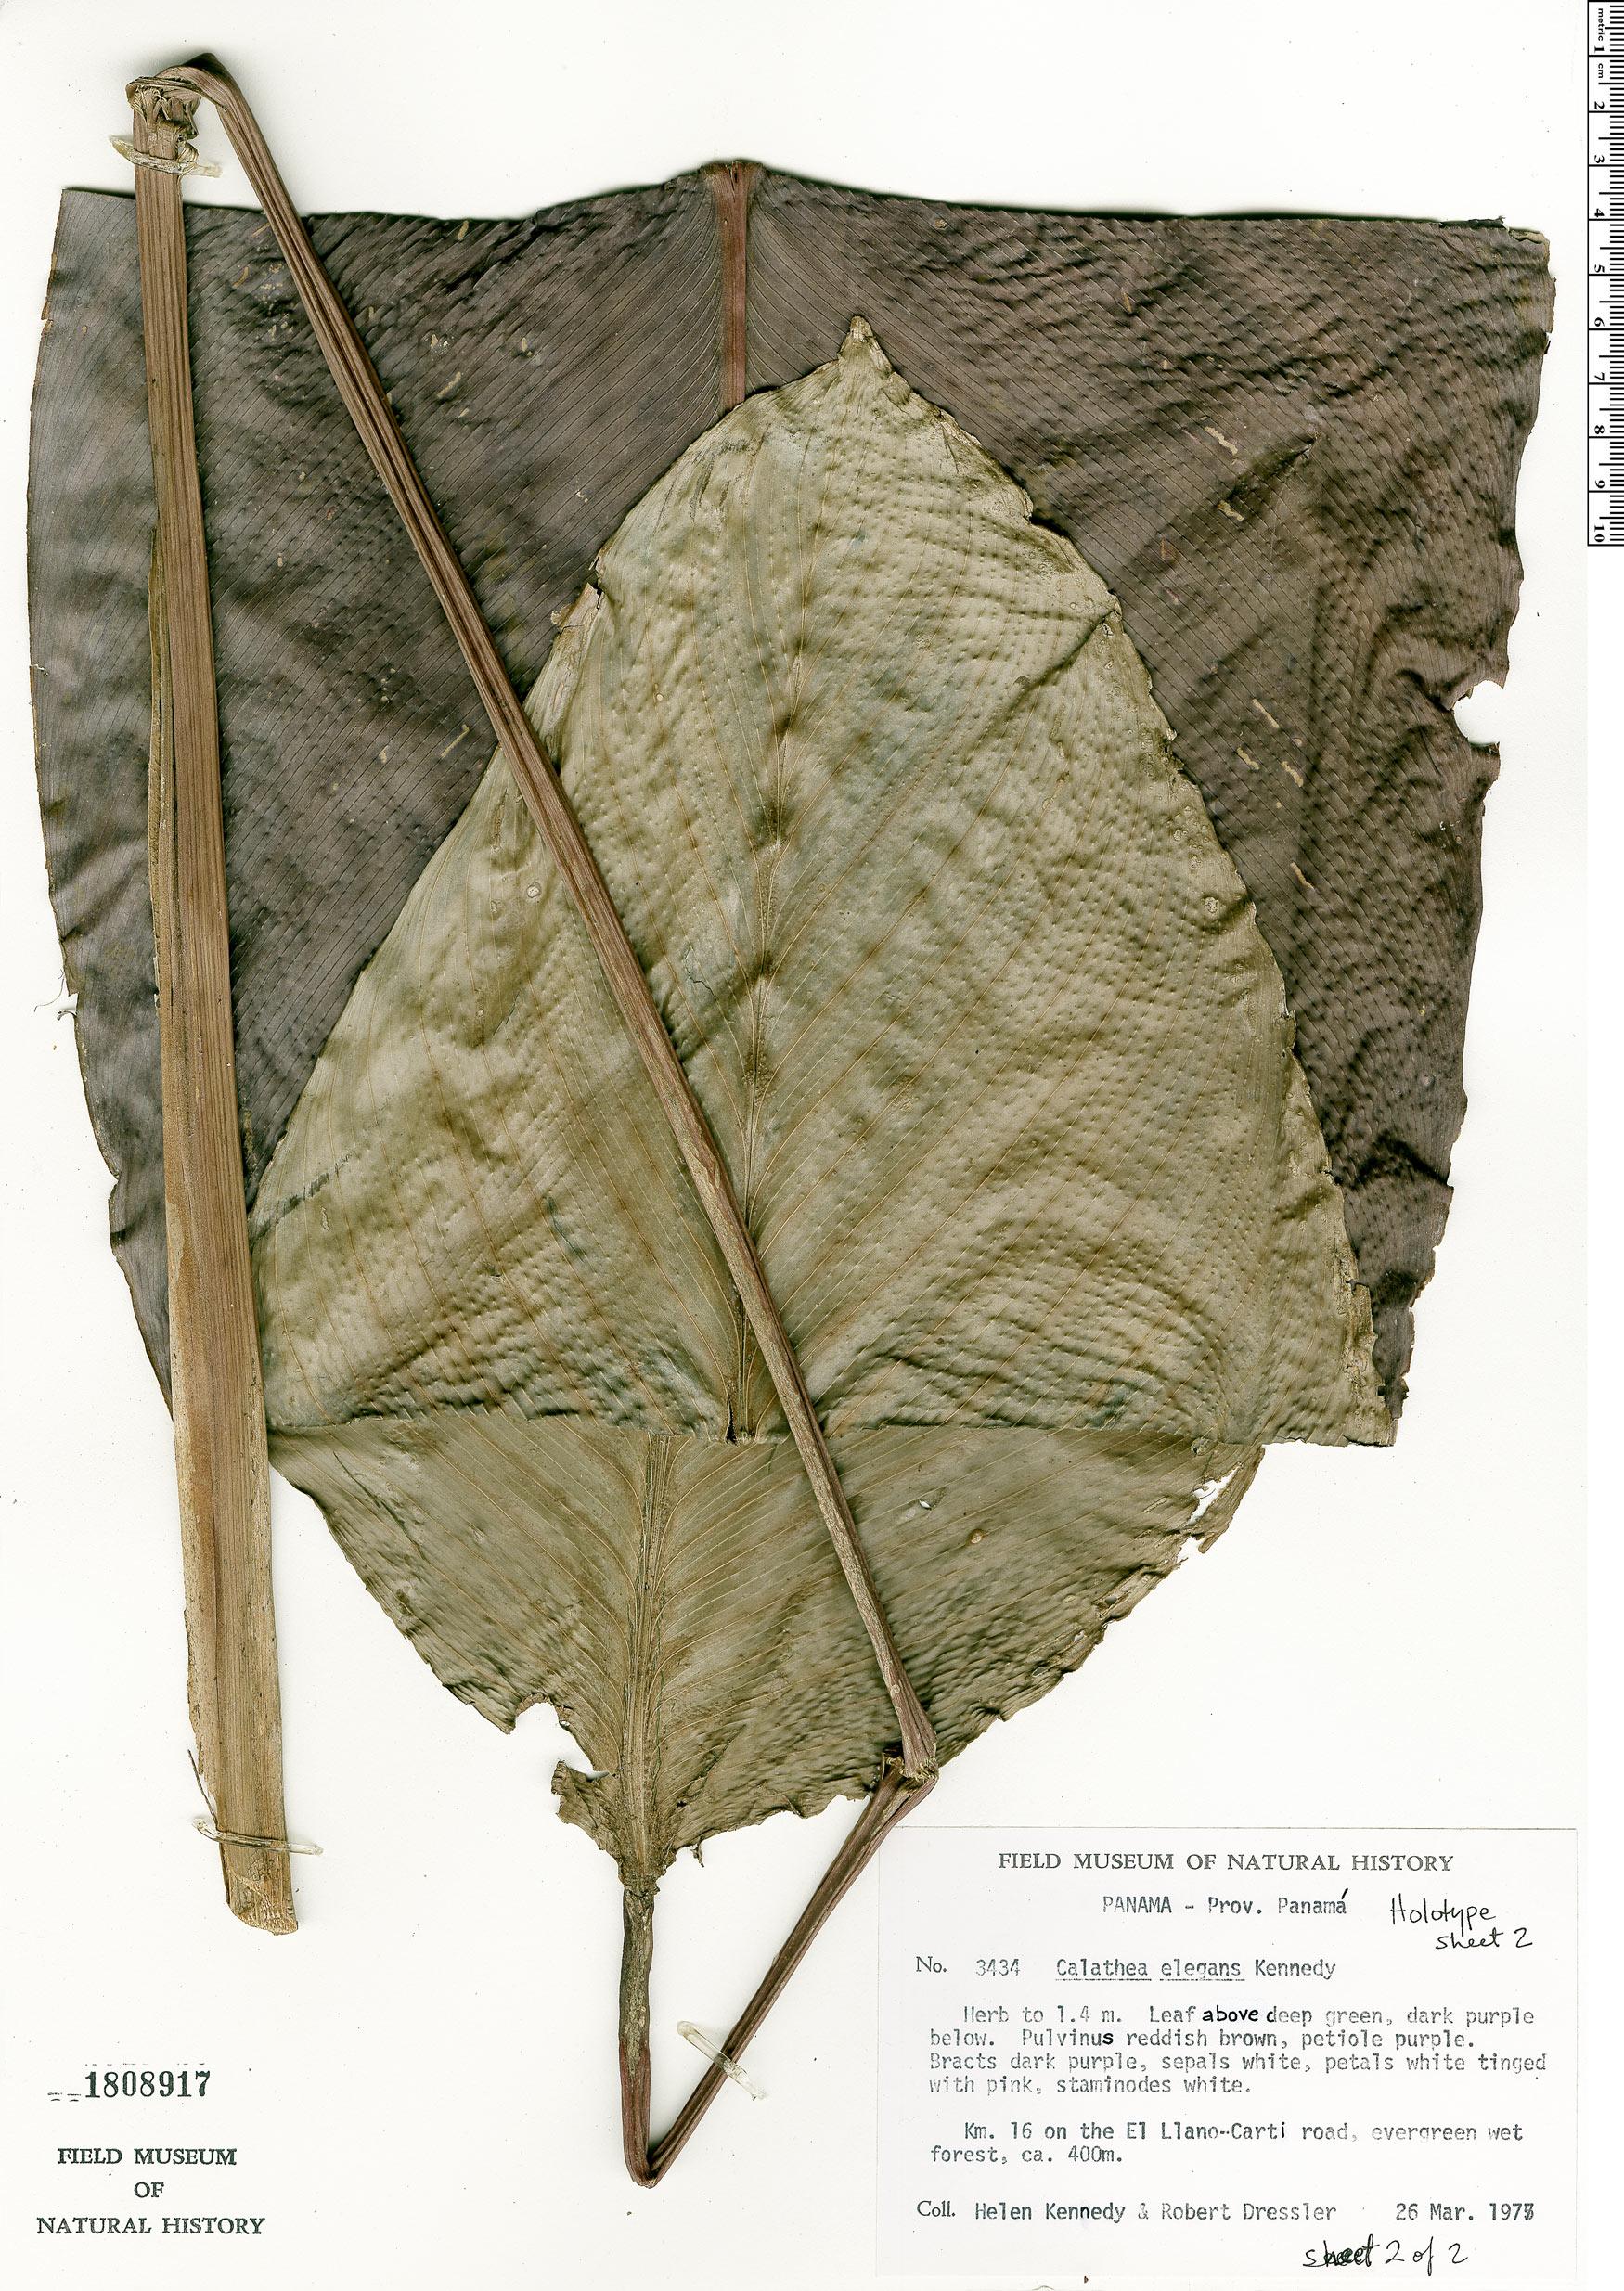 Specimen: Calathea elegans